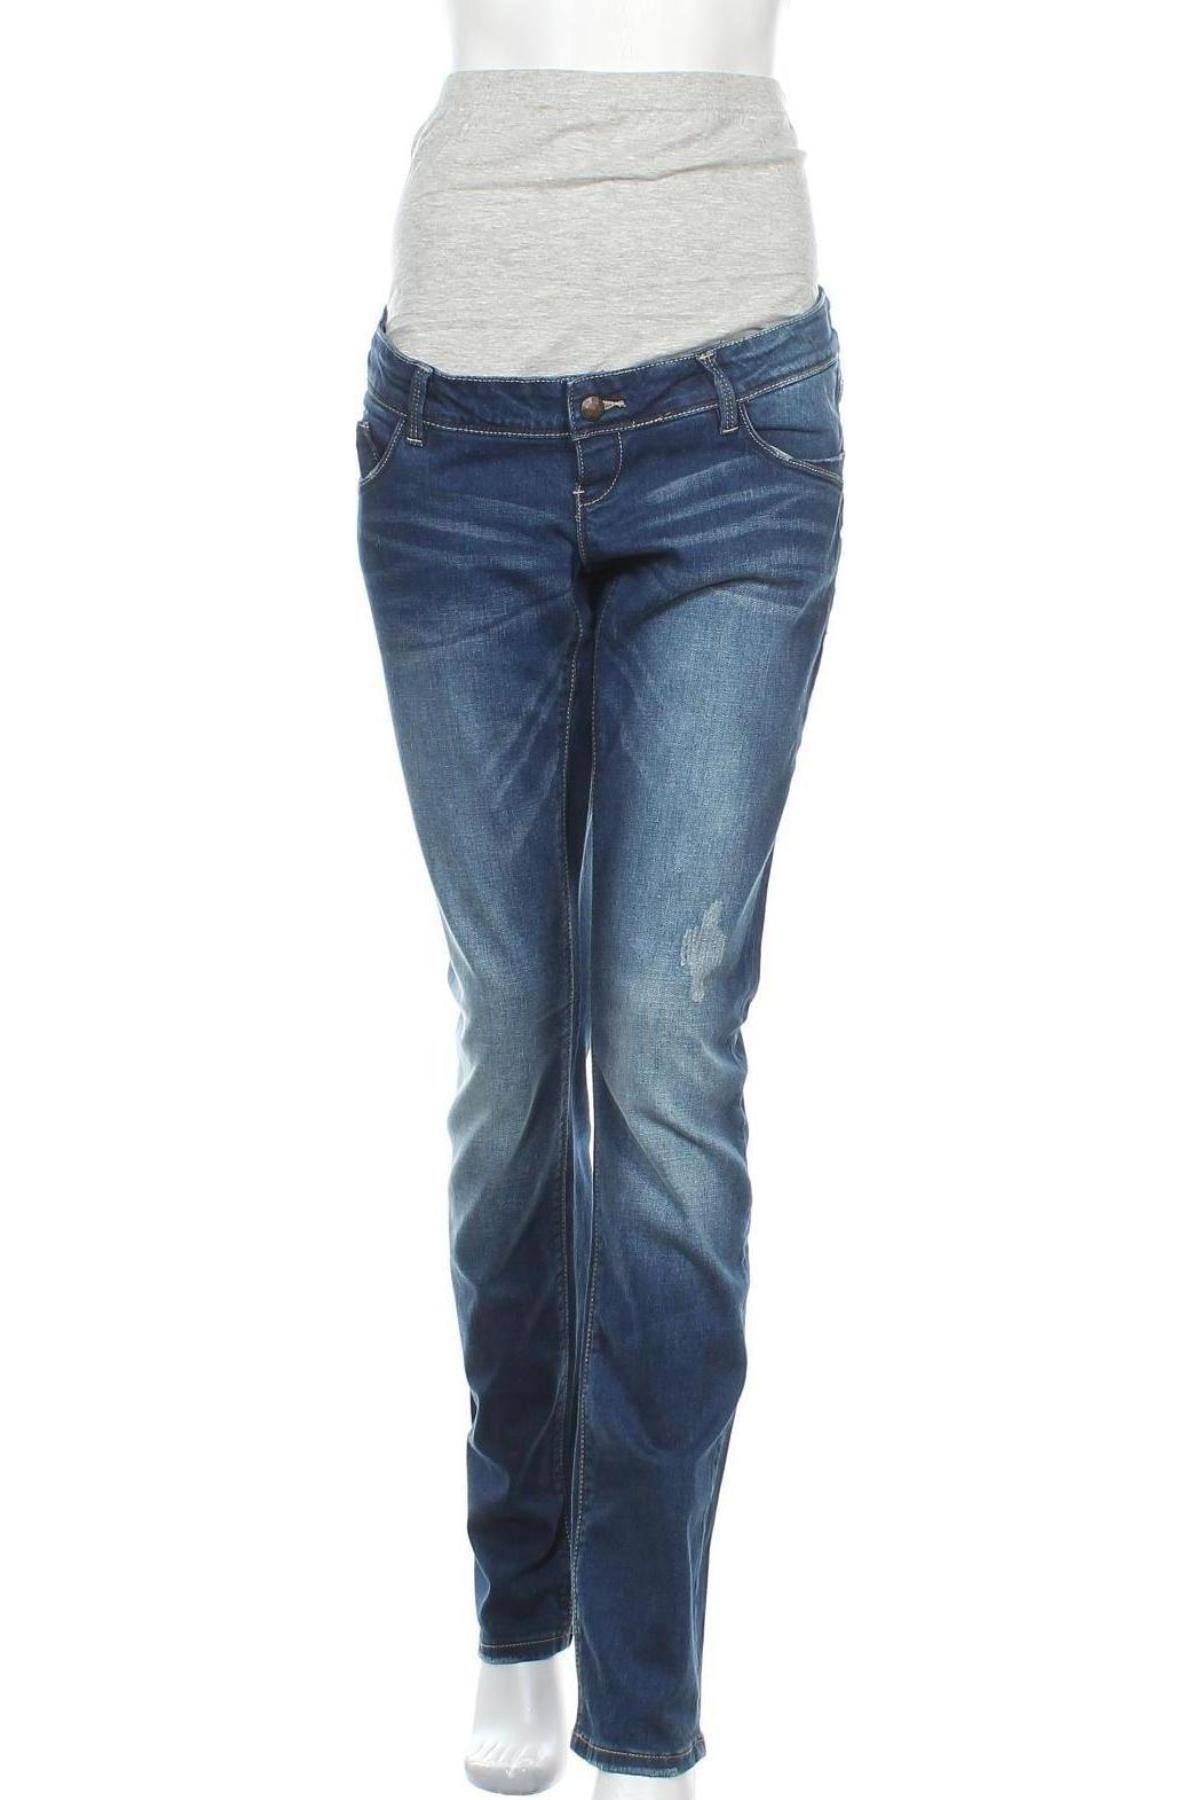 Дънки за бременни Mamalicious, Размер XL, Цвят Син, 99% памук, 1% еластан, Цена 66,75лв.